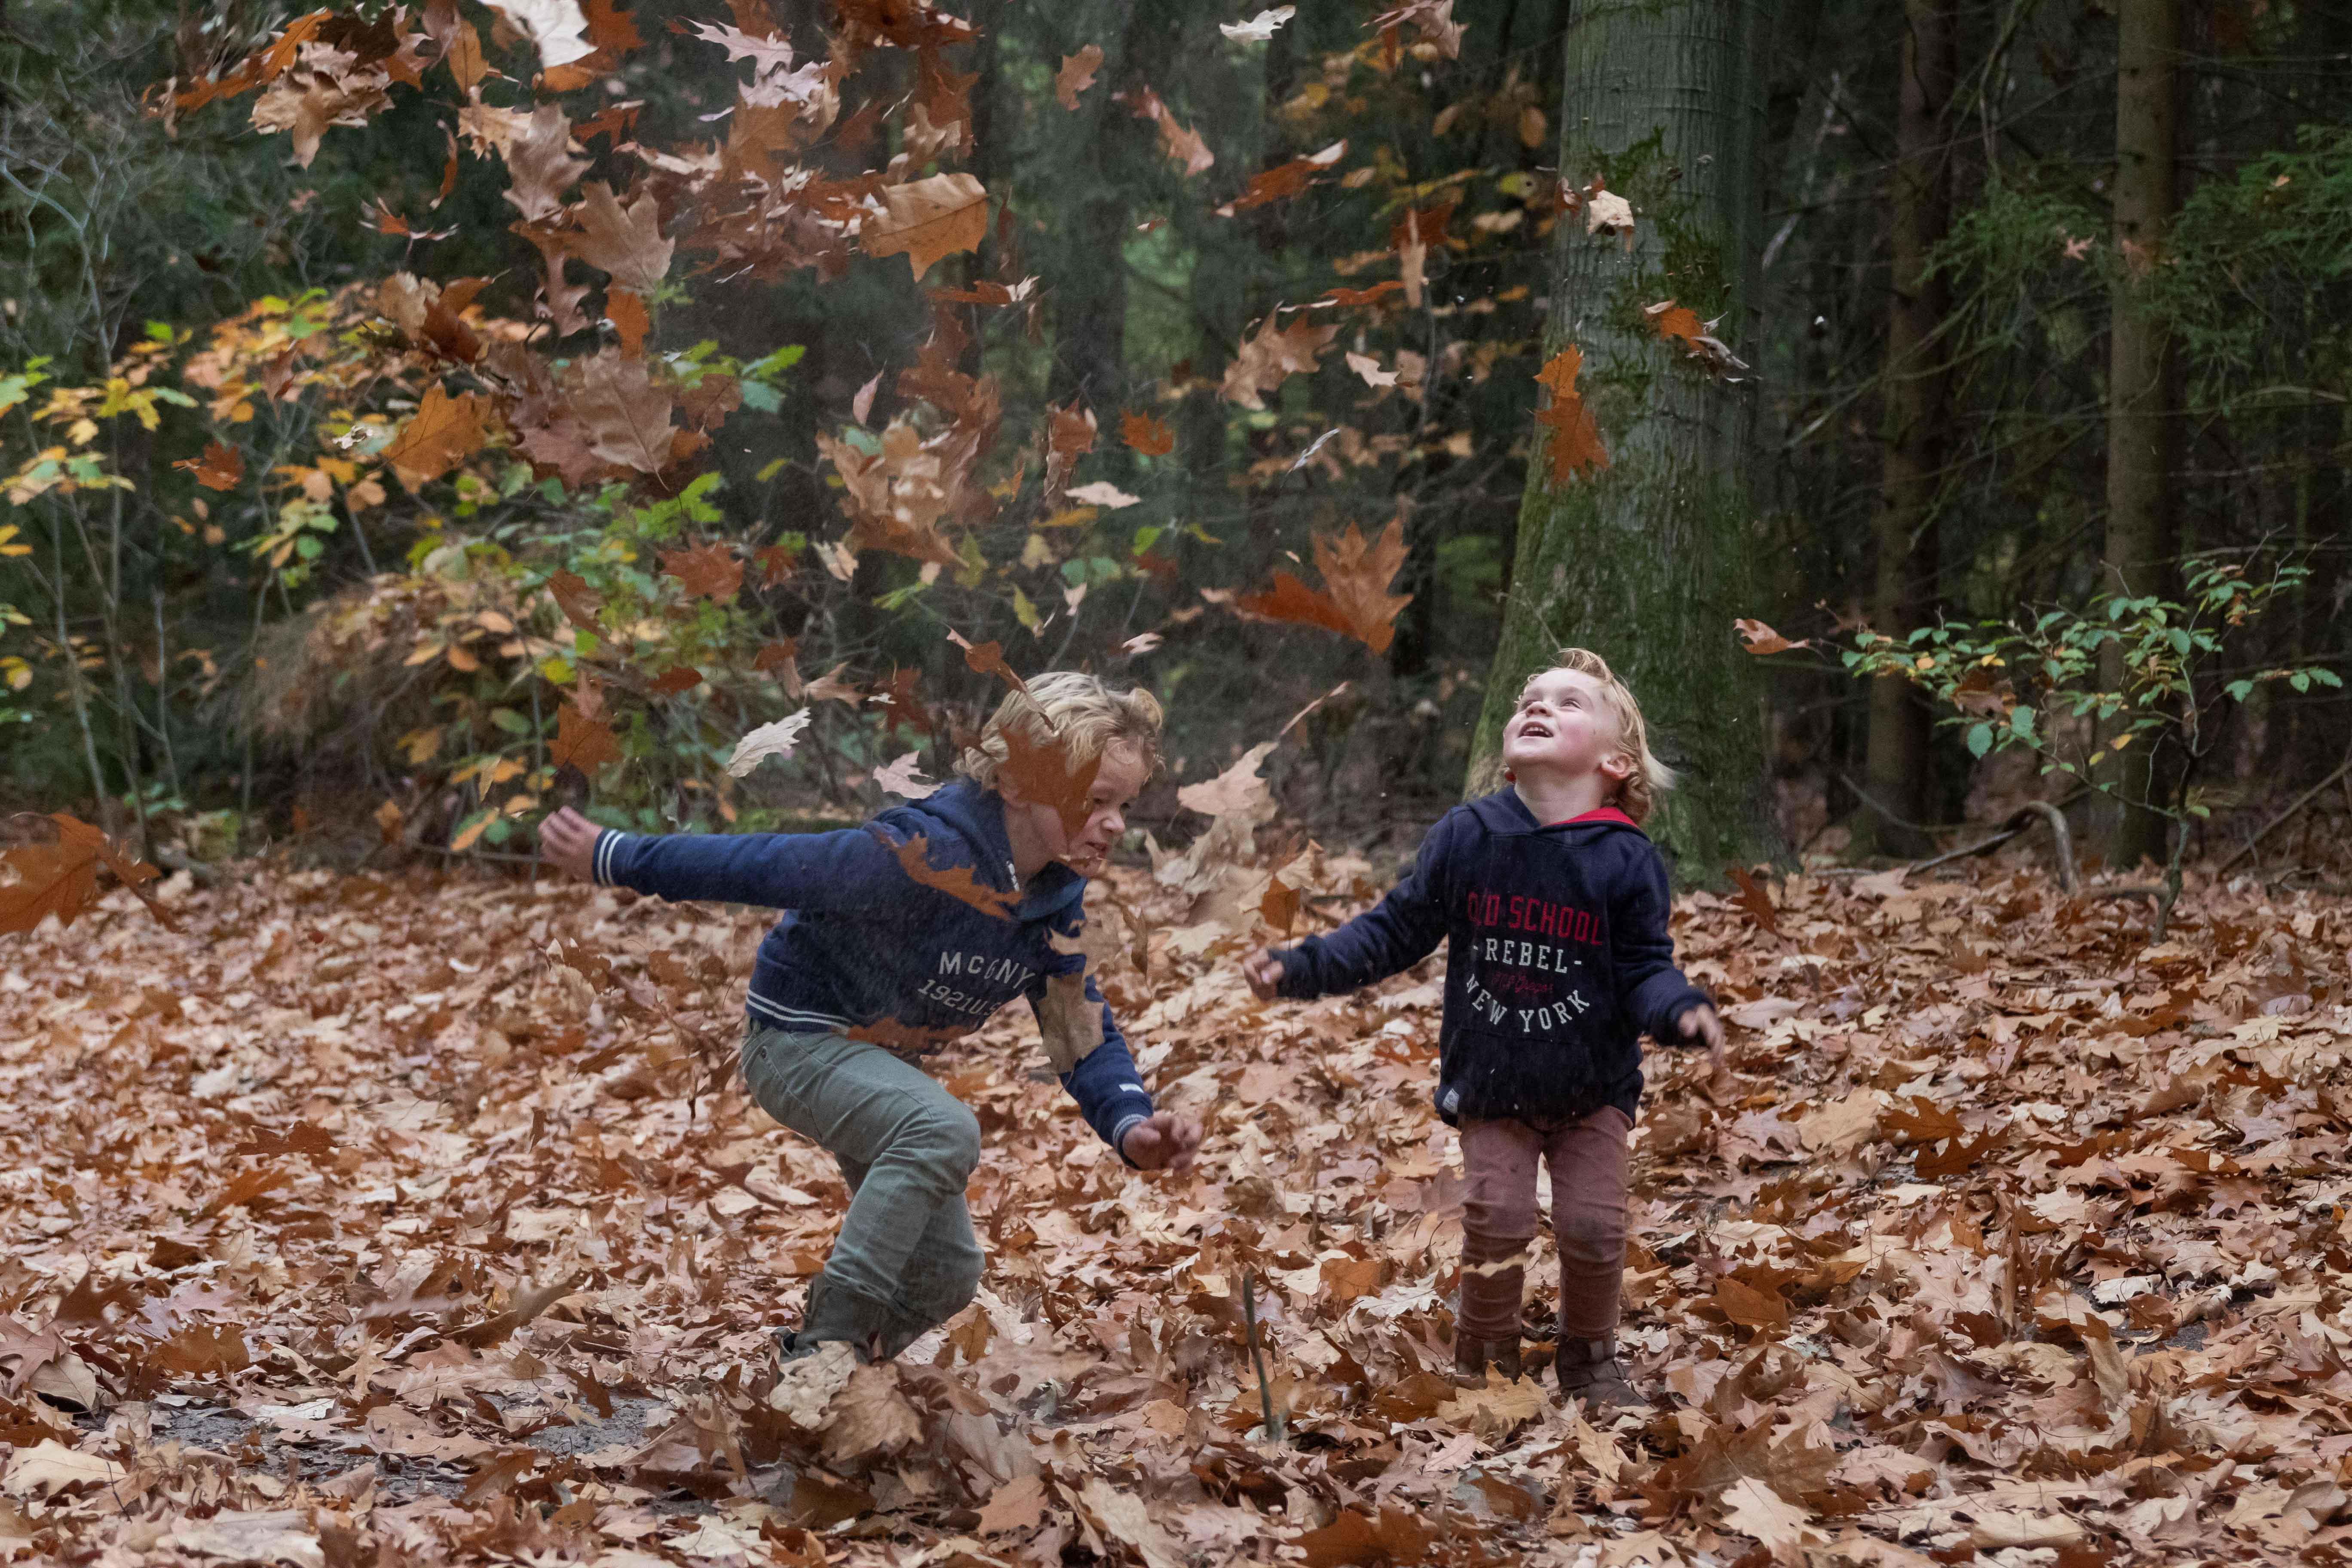 Marleen Verheul Fotografie, Kinderfotografie, 2 broertjes met bladeren gooien in het bos